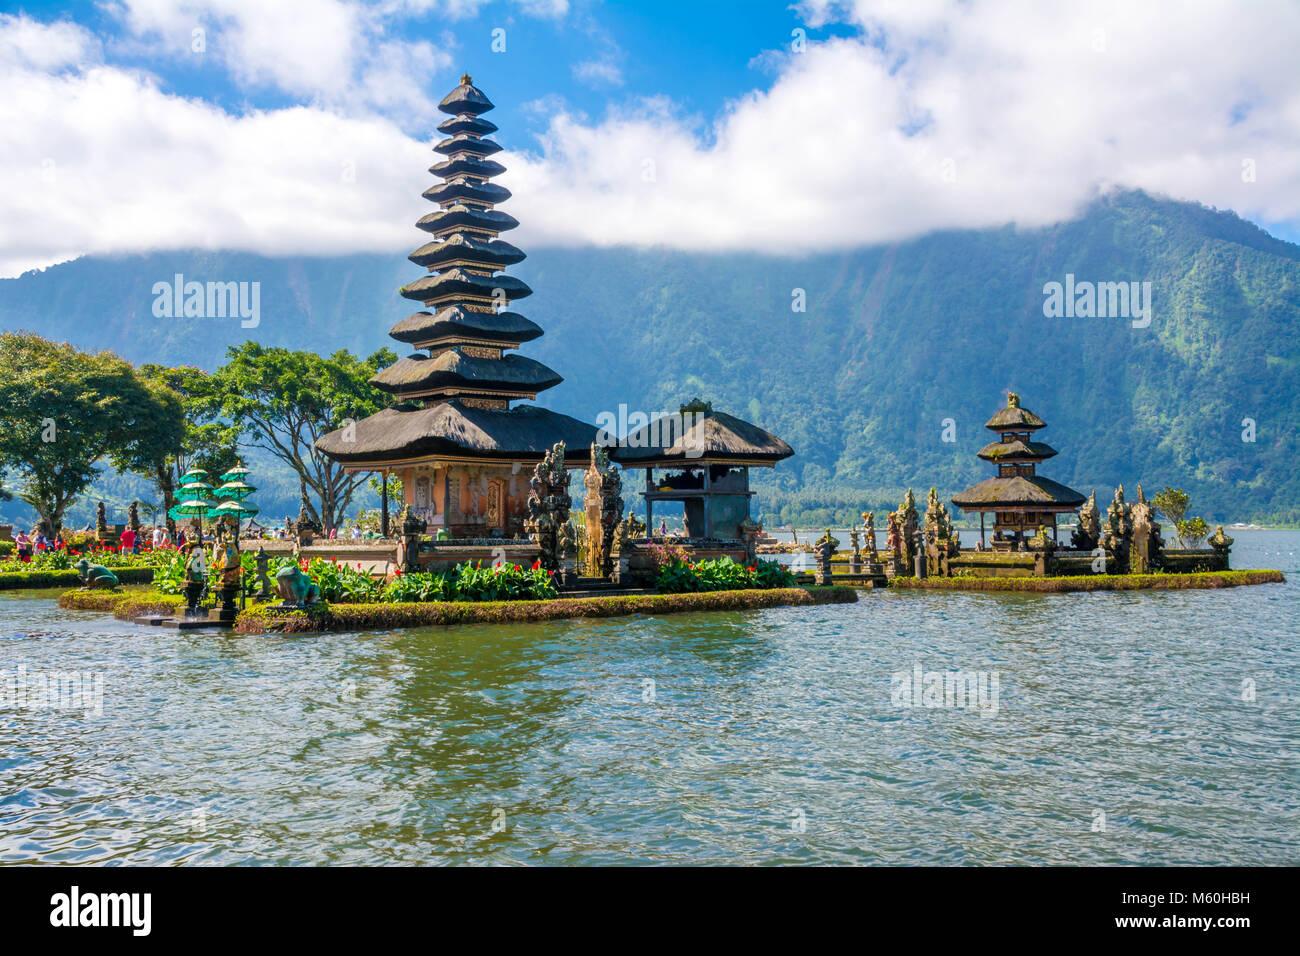 Pura Ulun Danu Bratan at Bali, Indonesia - Asia, Bali, Indonesia, Lake Bratan Area, Pura Ulu Danau Temple Stock Photo